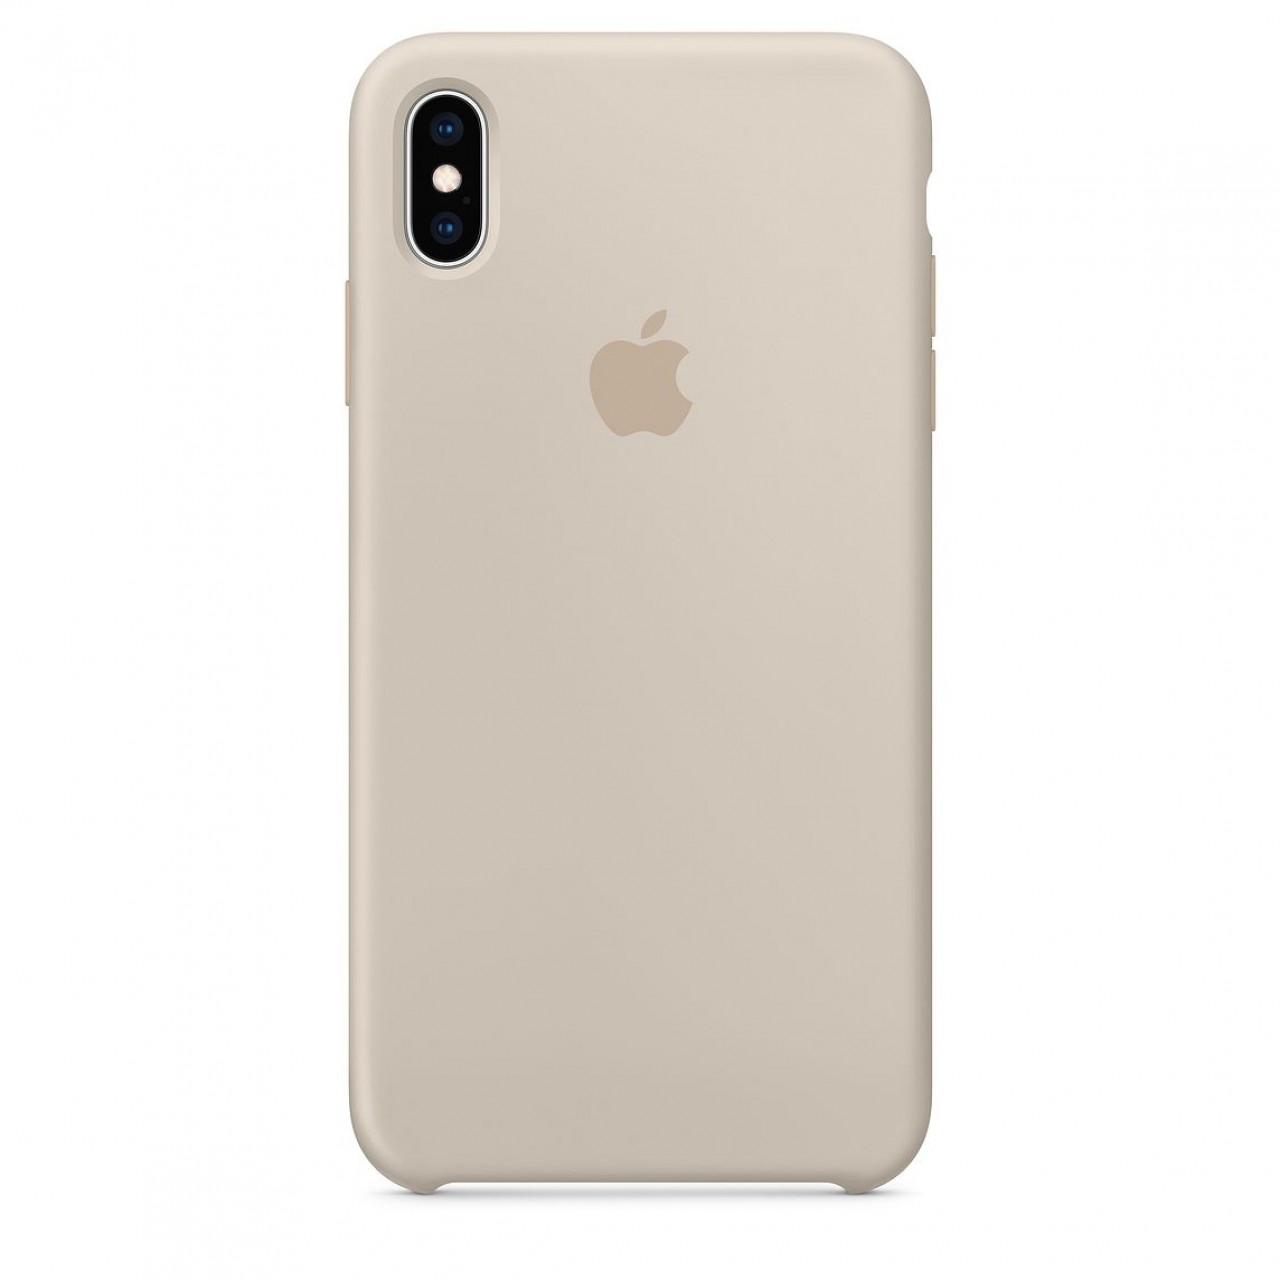 ΘΗΚΗ ΠΡΟΣΤΑΣΙΑΣ ΣΙΛΙΚΟΝΗΣ ΓΙΑ iPhone XS MAX ΓΚΡΙ ΤΗΣ ΠΕΤΡΑΣ - BACK COVER SILICON CASE STONE GREY - OEM